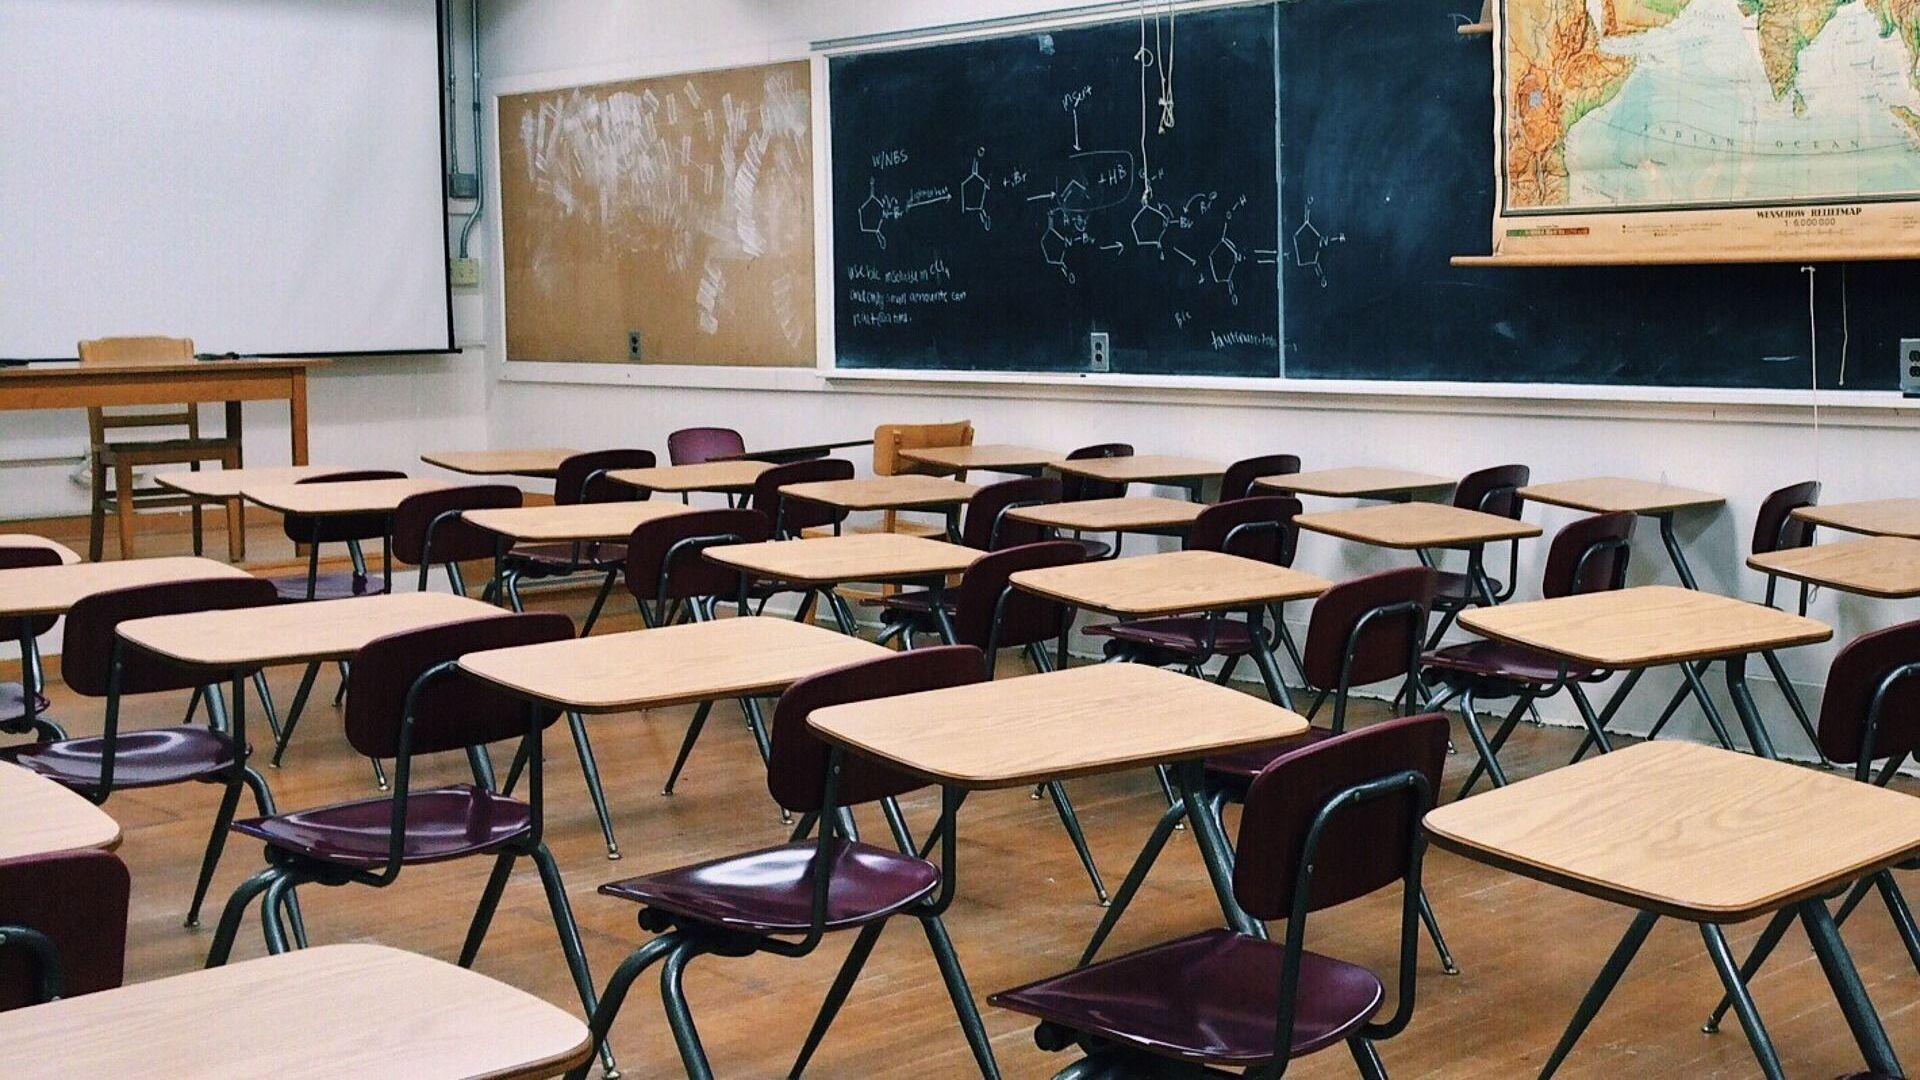 Una clase de escuela (imagen referencial) - Sputnik Mundo, 1920, 04.03.2021